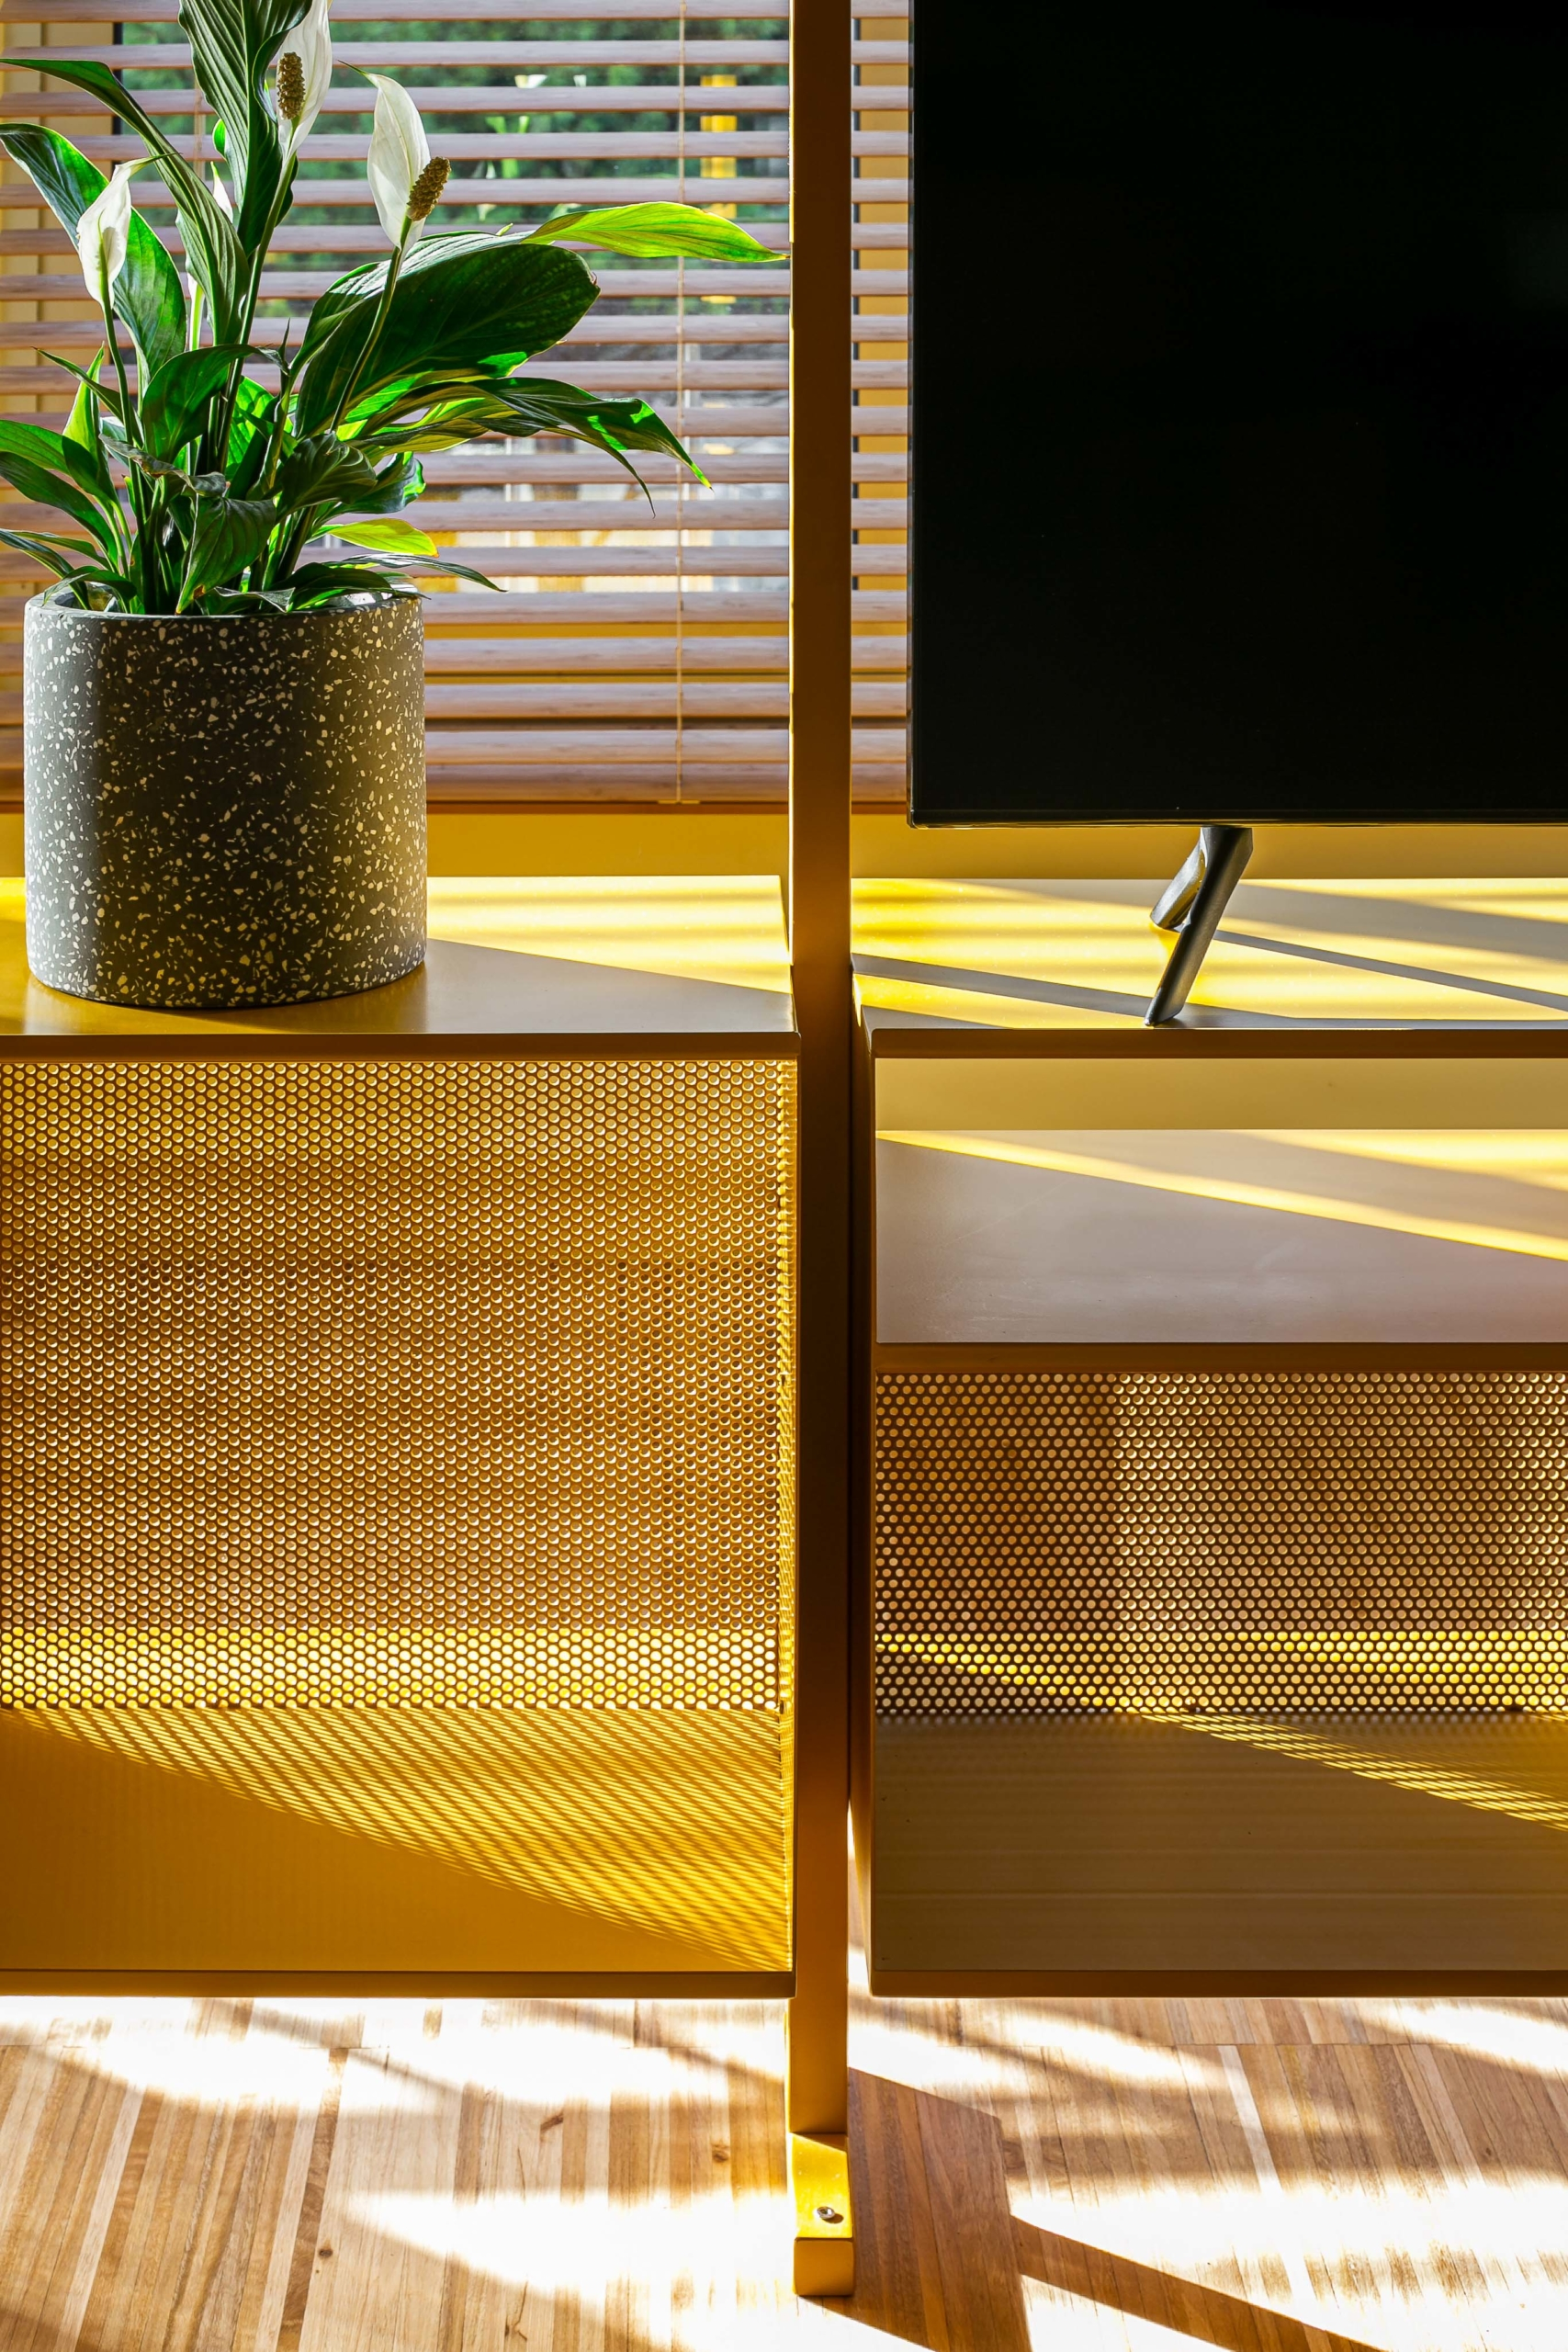 Arq – Detalhe 3 estante amarela